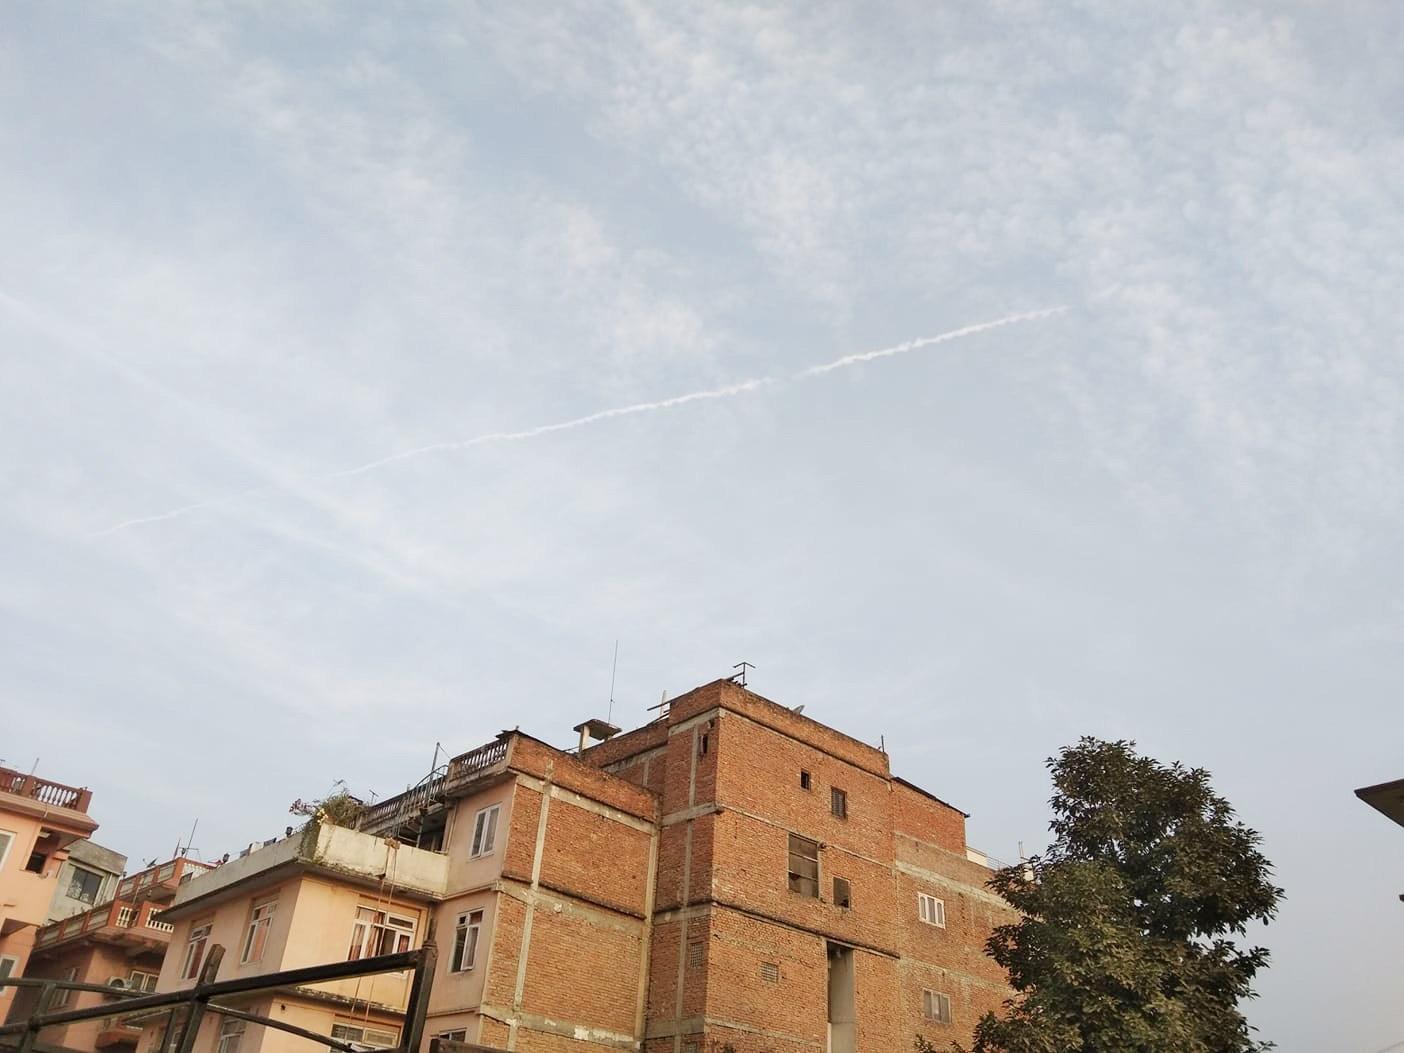 काठमाडौंको आकाशमा अनौठो विमान